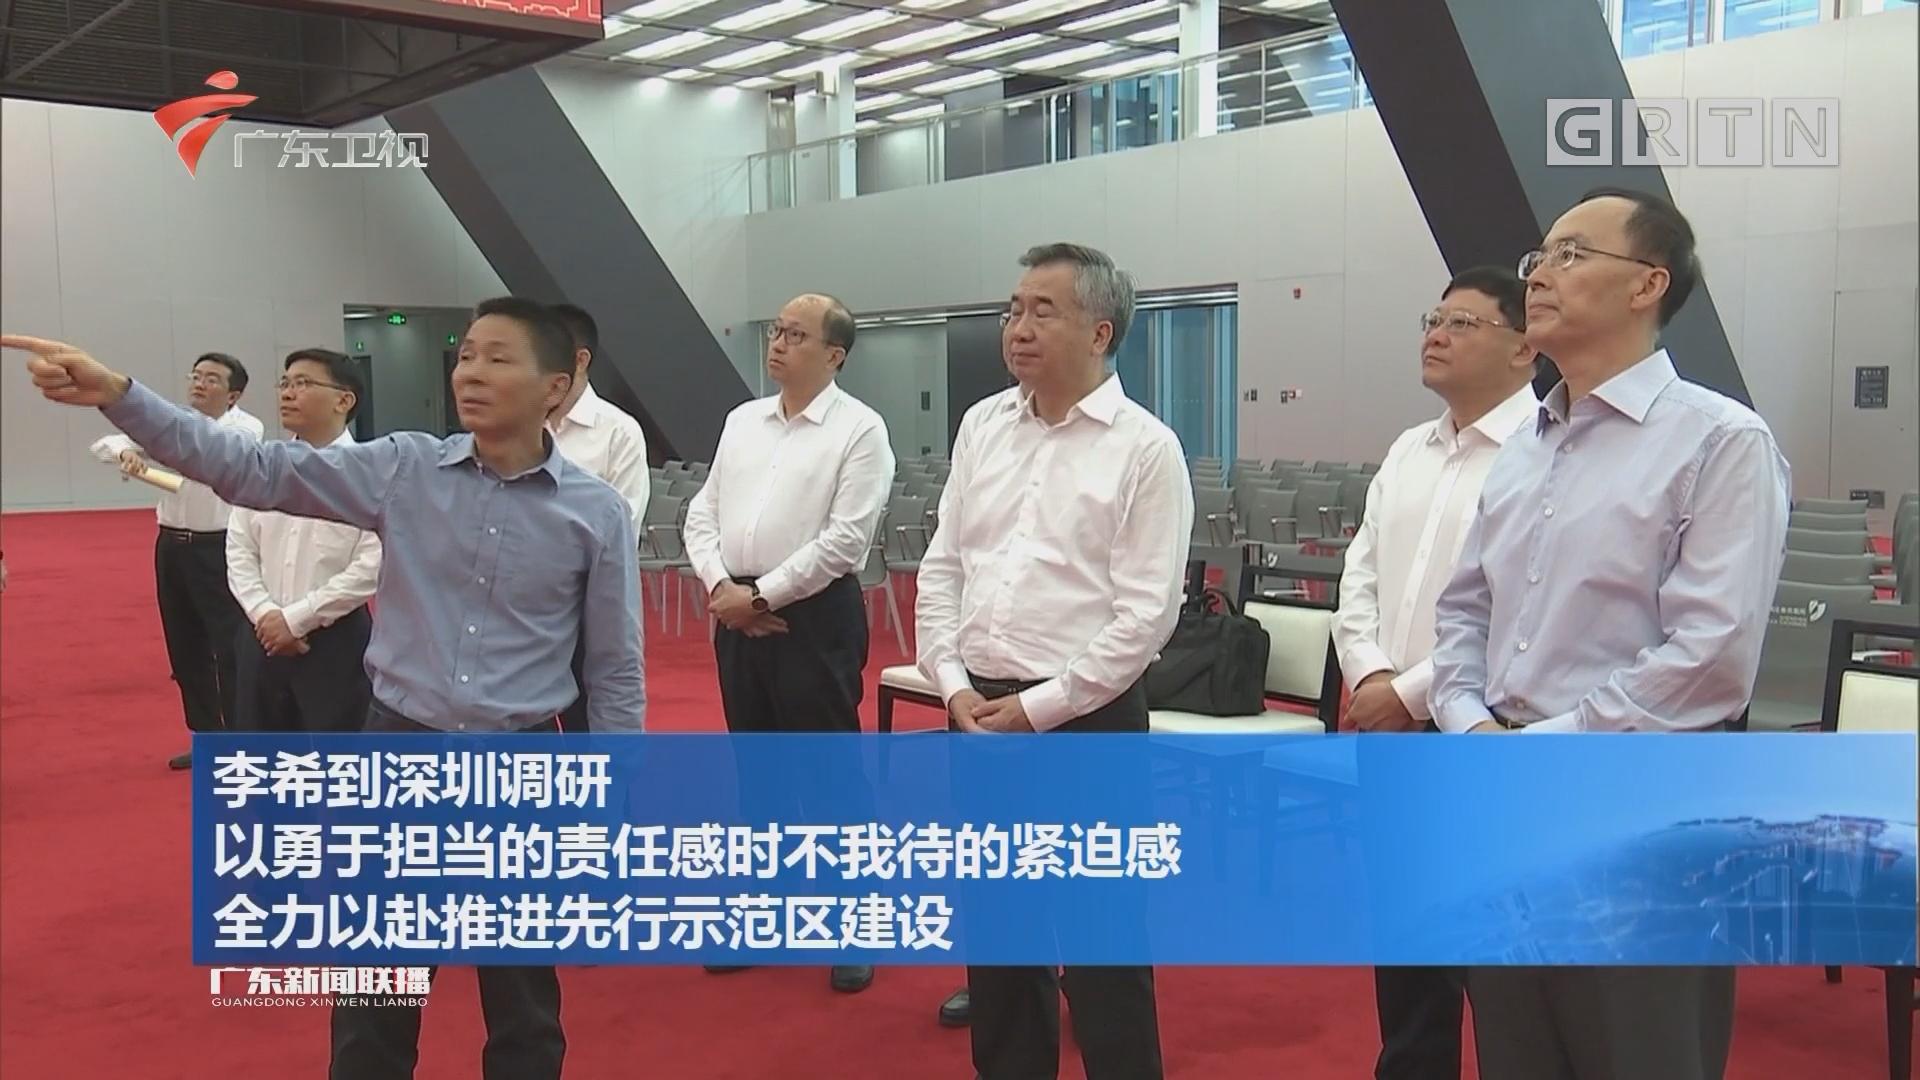 李希到深圳调研 以勇于担当的责任感时不我待的紧迫感 全力以赴推进先行示范区建设